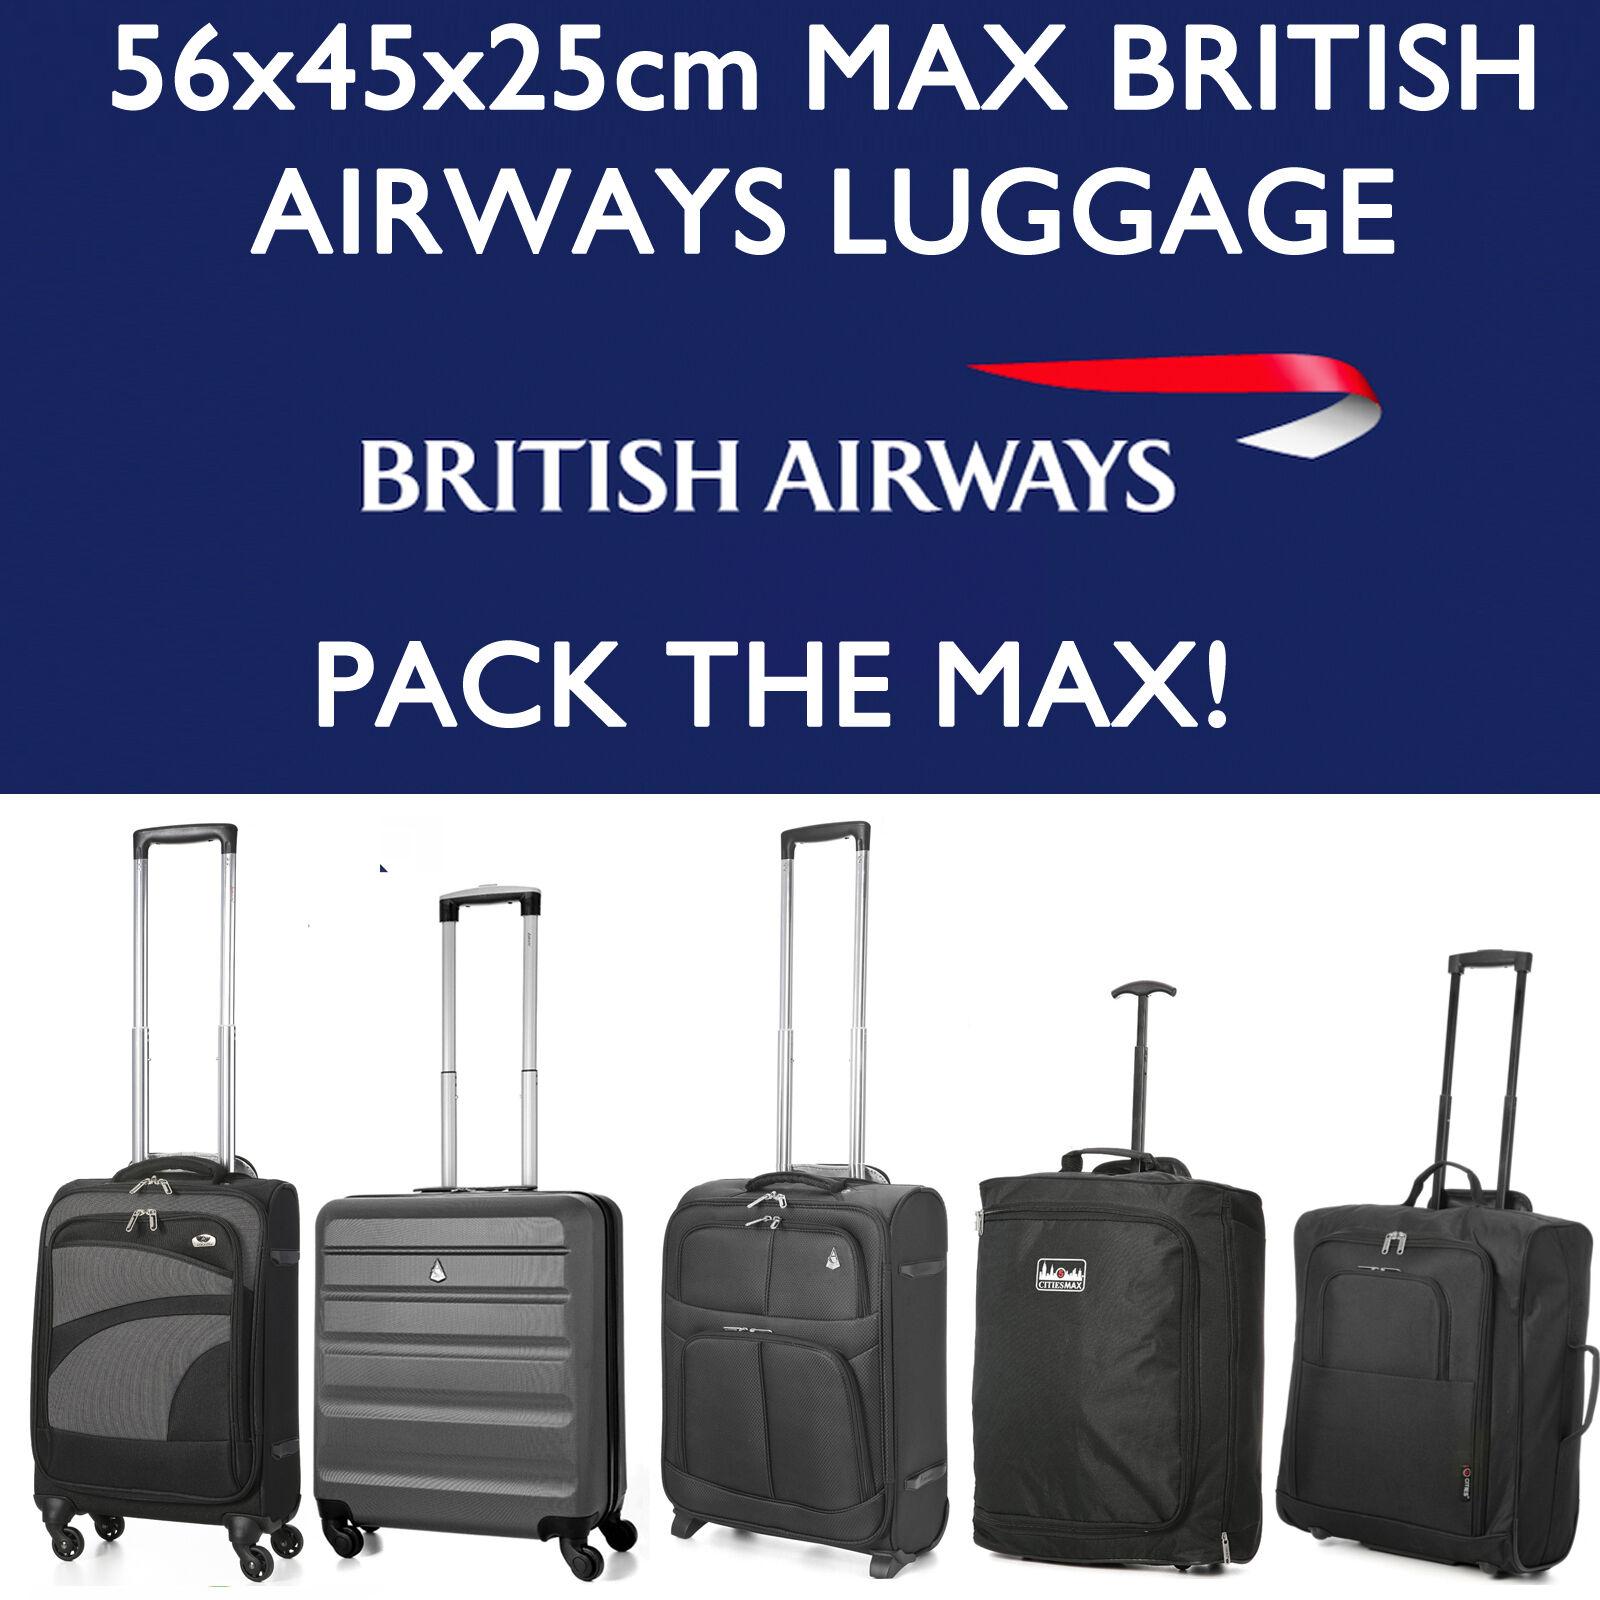 BRITISH AIRWAYS 56x45x25 MAX GRANDE CABINA MANO DA TRASPORTO VALIGIA BAGAGLIO